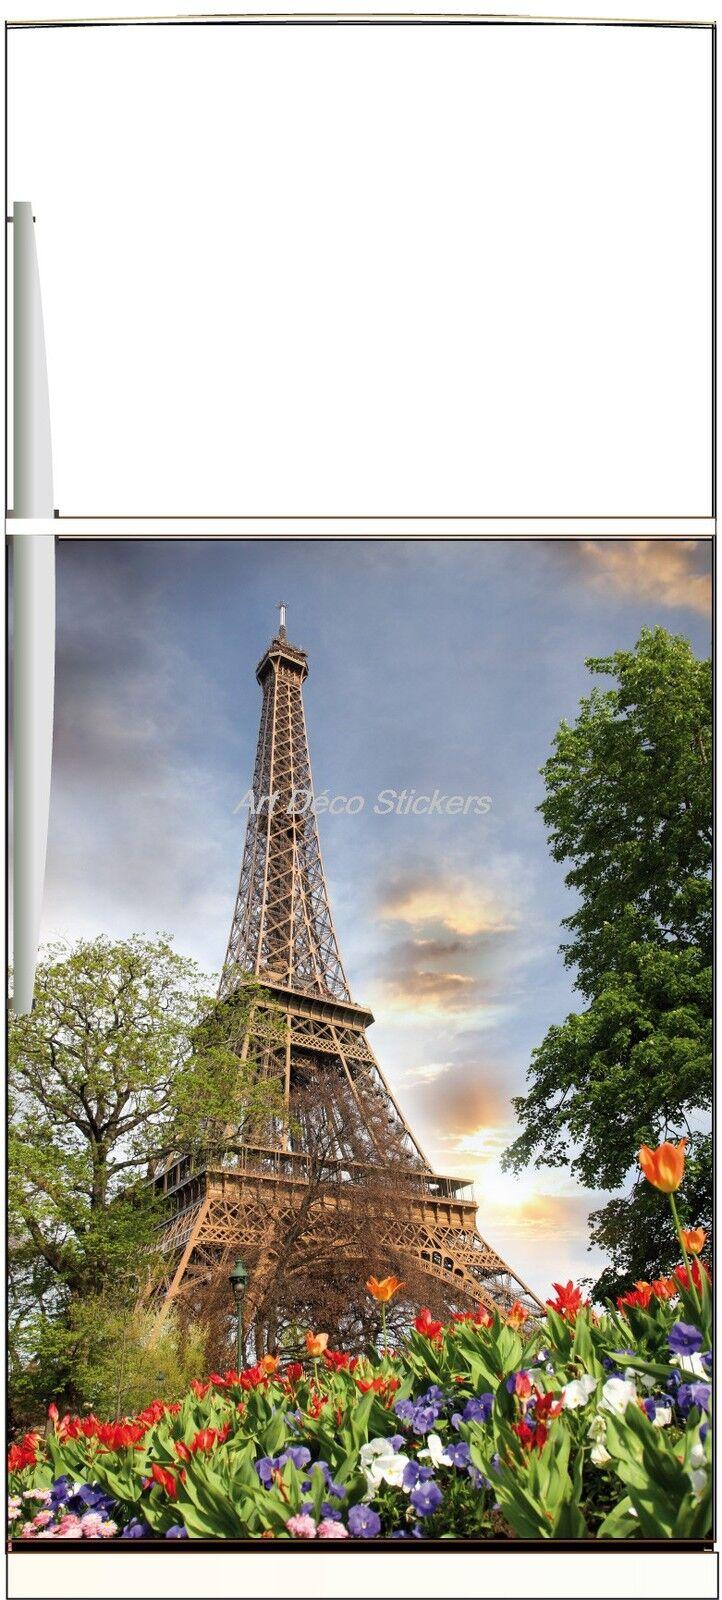 Adesivo Frigo Elettrodomestici Decocrazione Cucina Torre Eiffel 60x90cm Ref 301